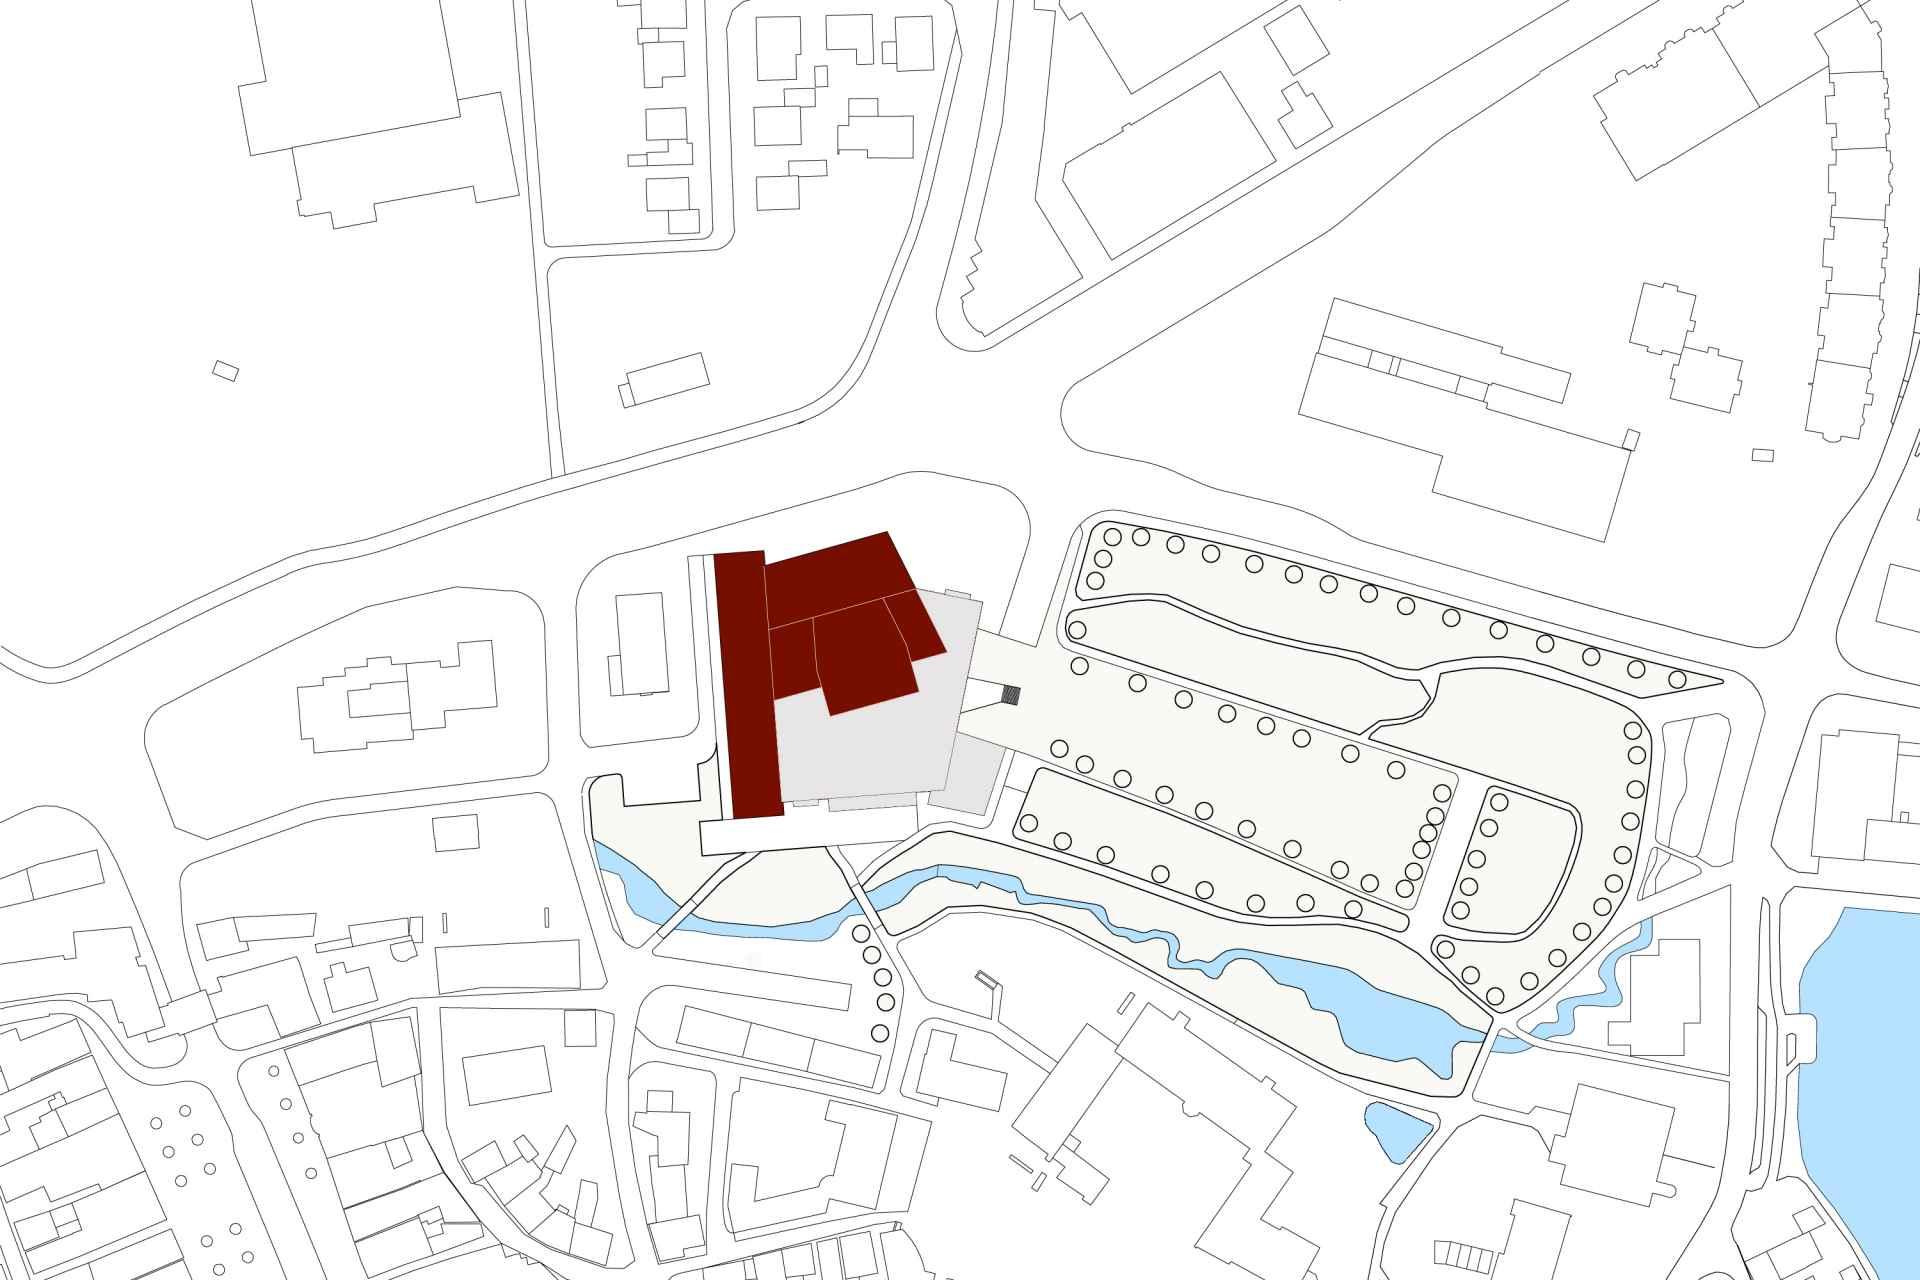 MKN (Wettbewerbe und Entwürfe + Gewerbebauten) Veranstaltungshalle